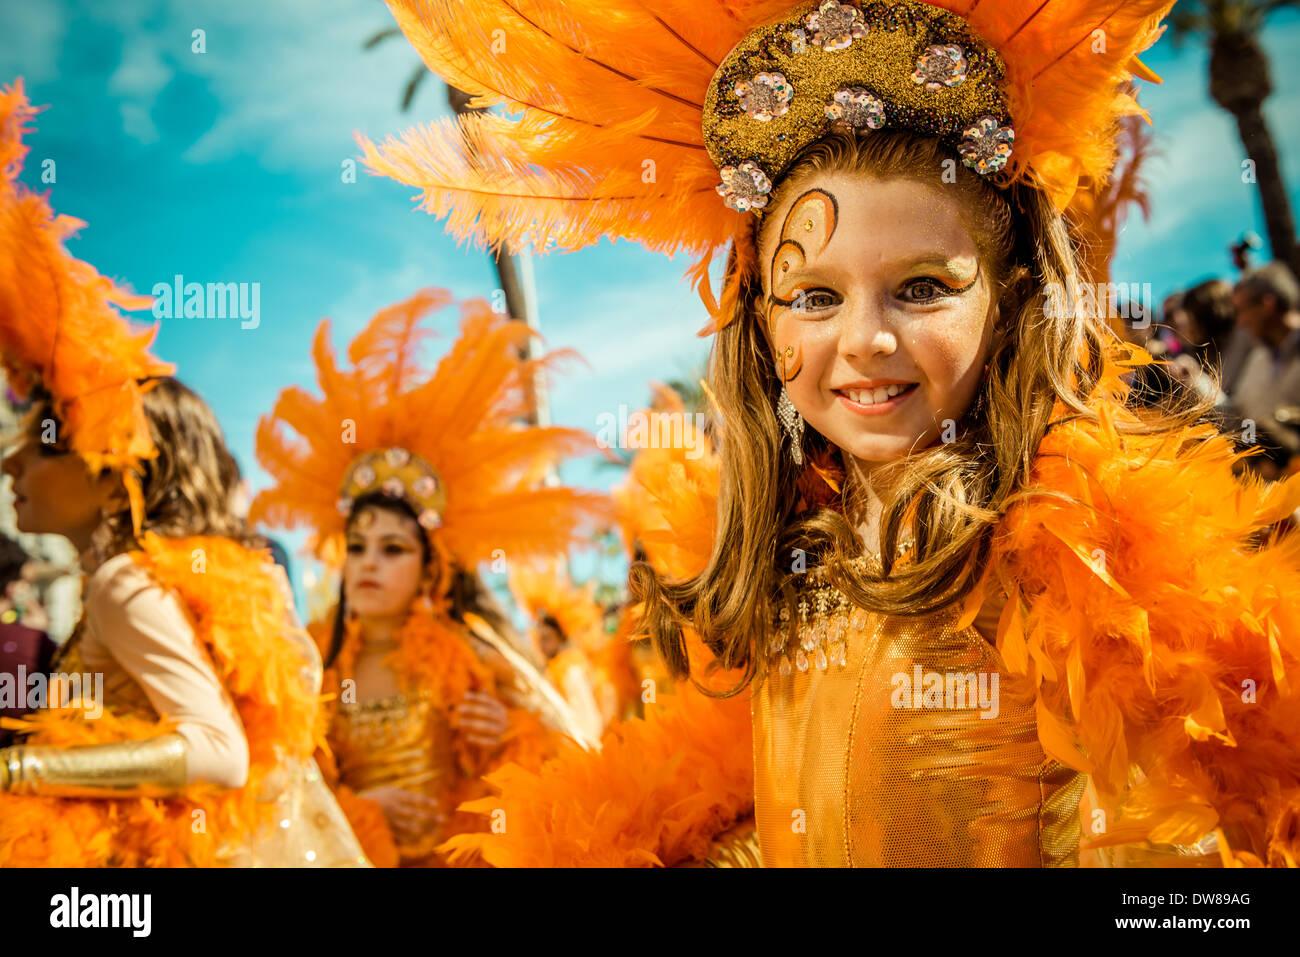 Sitges, Espagne. 2 mars 2014: les enfants au cours de la danse des fêtards de la parade de dimanche défilé de carnaval Banque D'Images